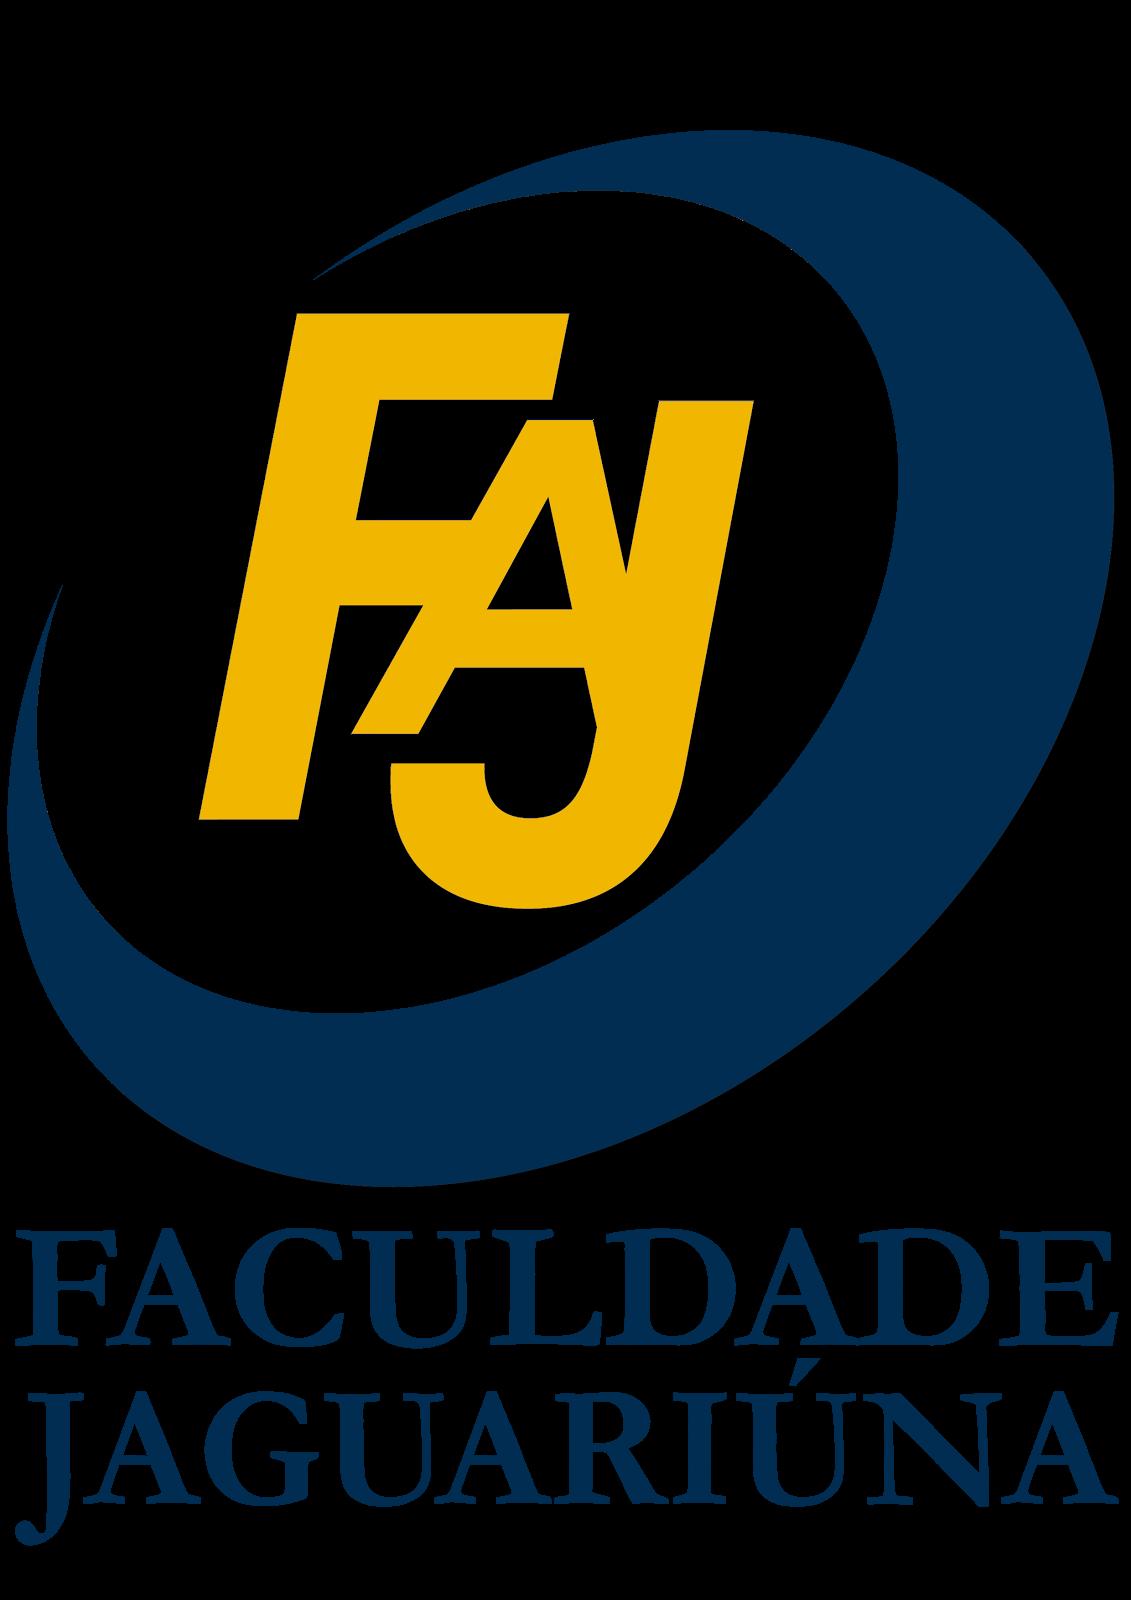 Faculdade Jaguariúna